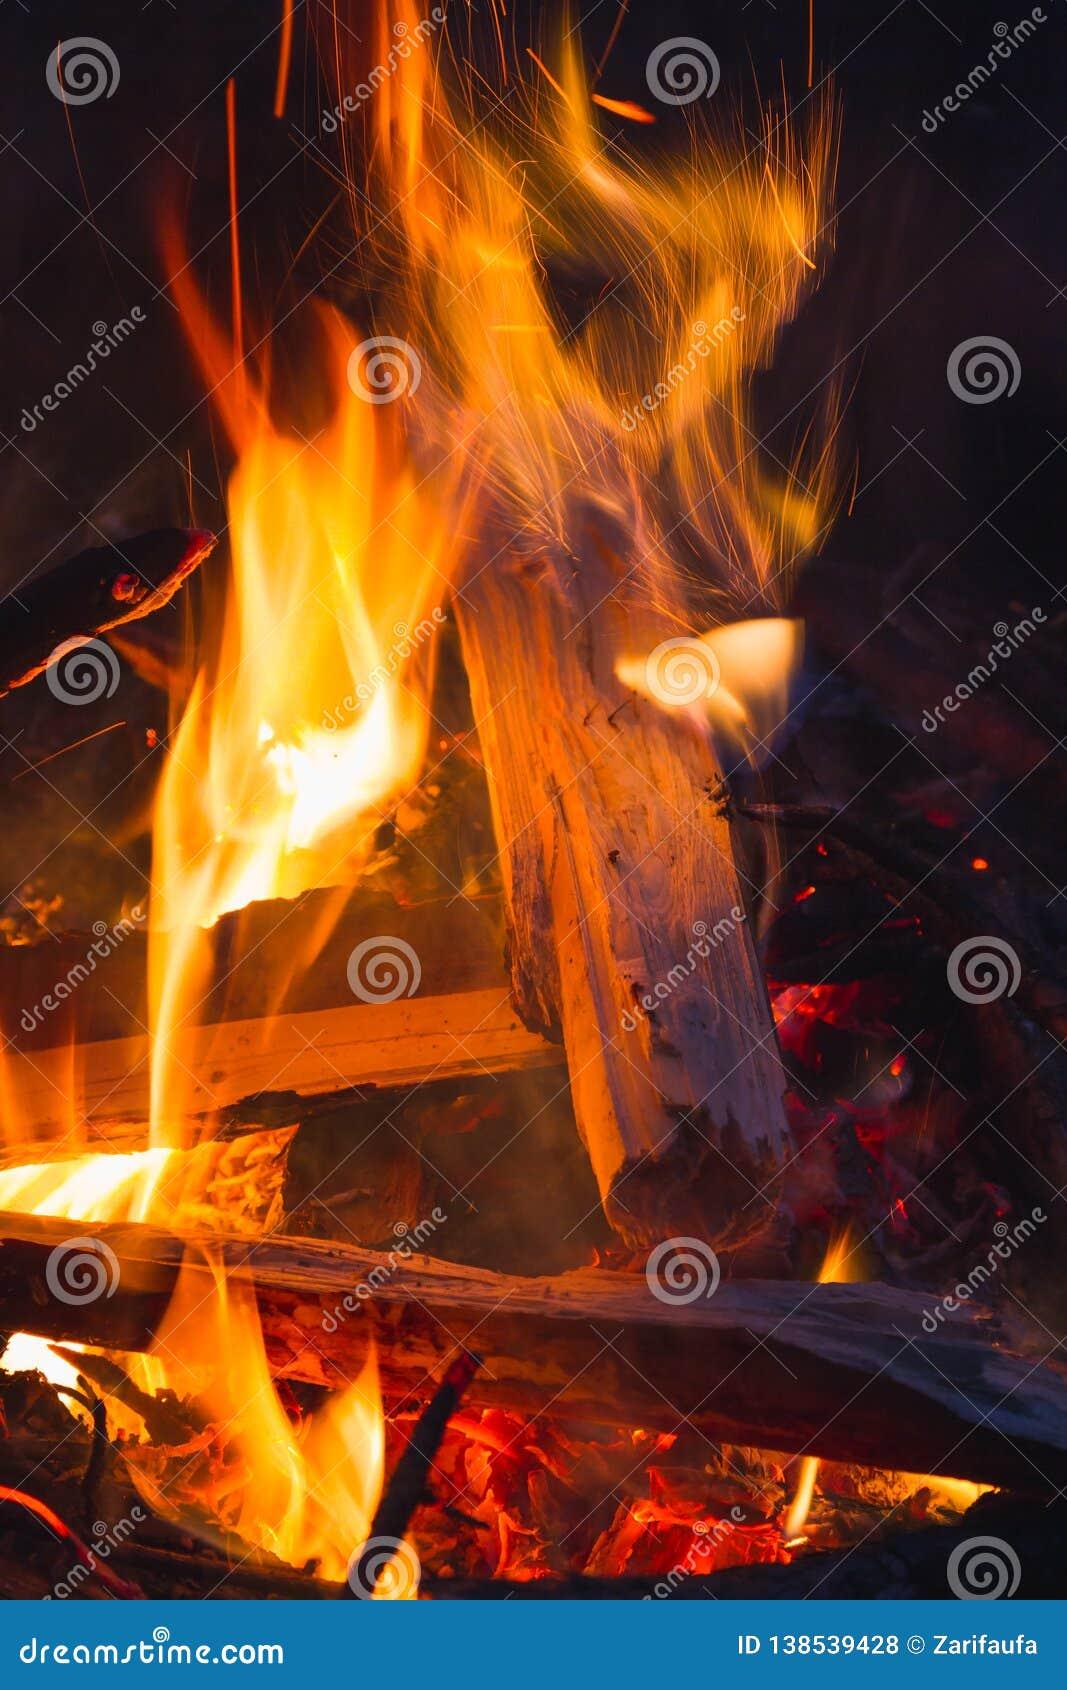 Ampfire  Ñ со швырком в лесе, loseup  Ñ горящего огня с искрами